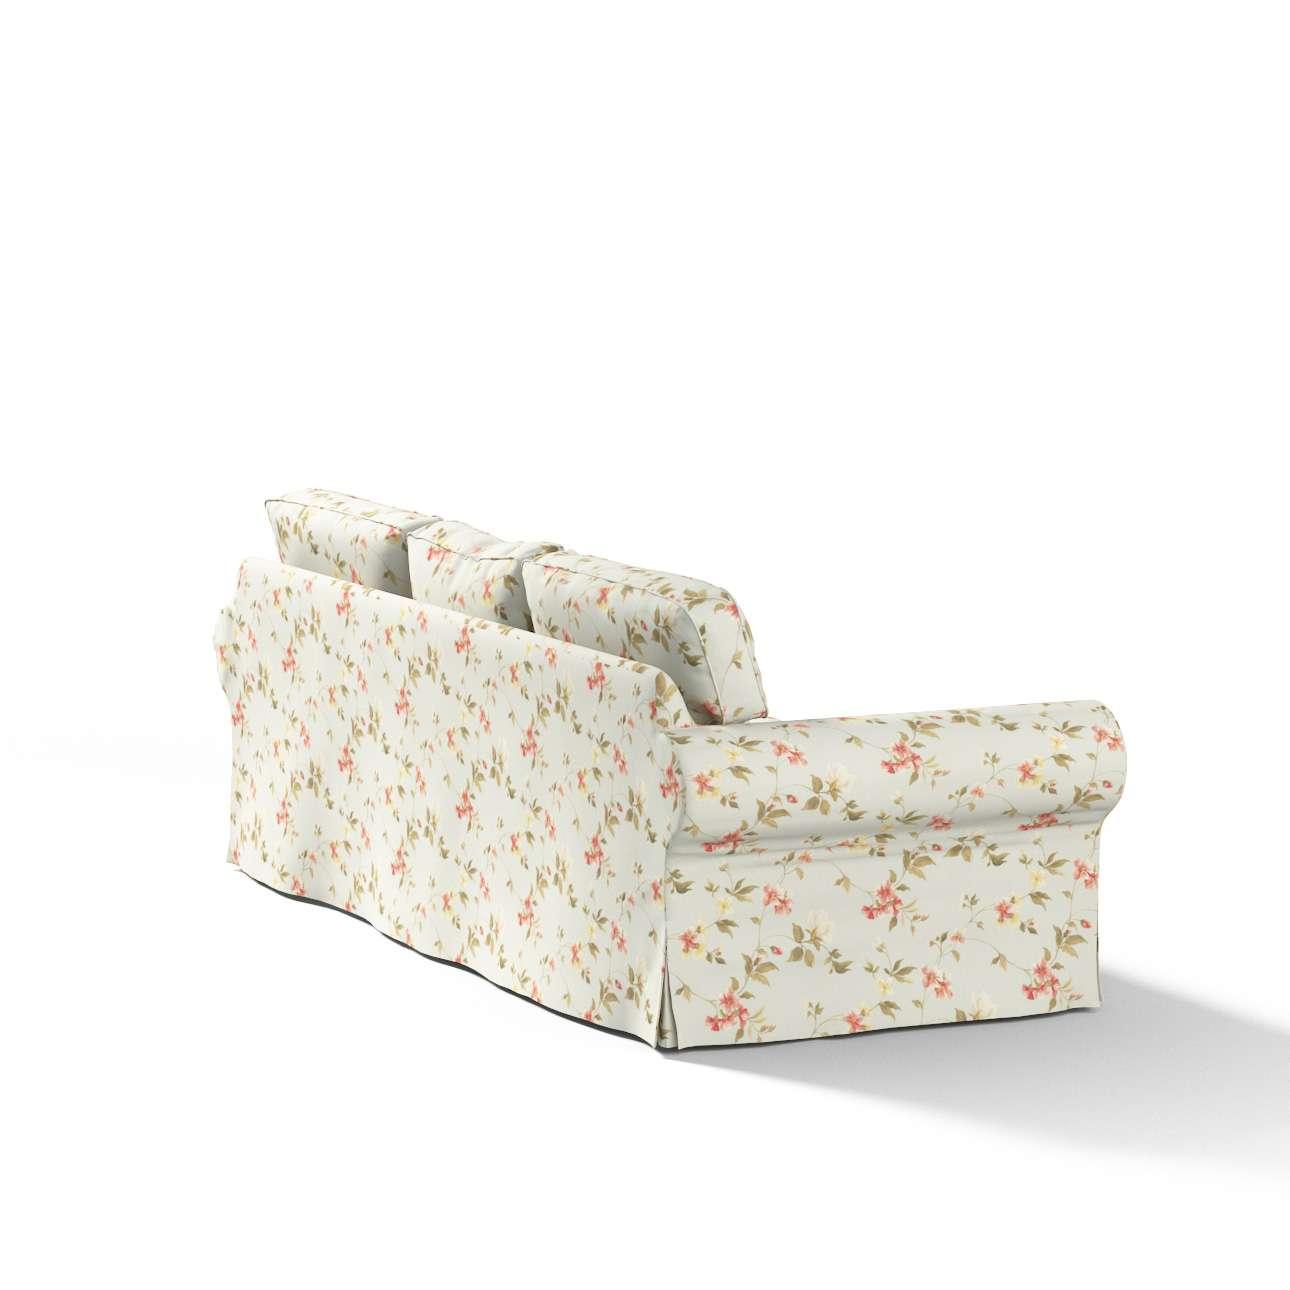 Ektorp trivietės sofos užvalkalas Ektorp trivietės sofos užvalkalas kolekcijoje Londres, audinys: 124-65